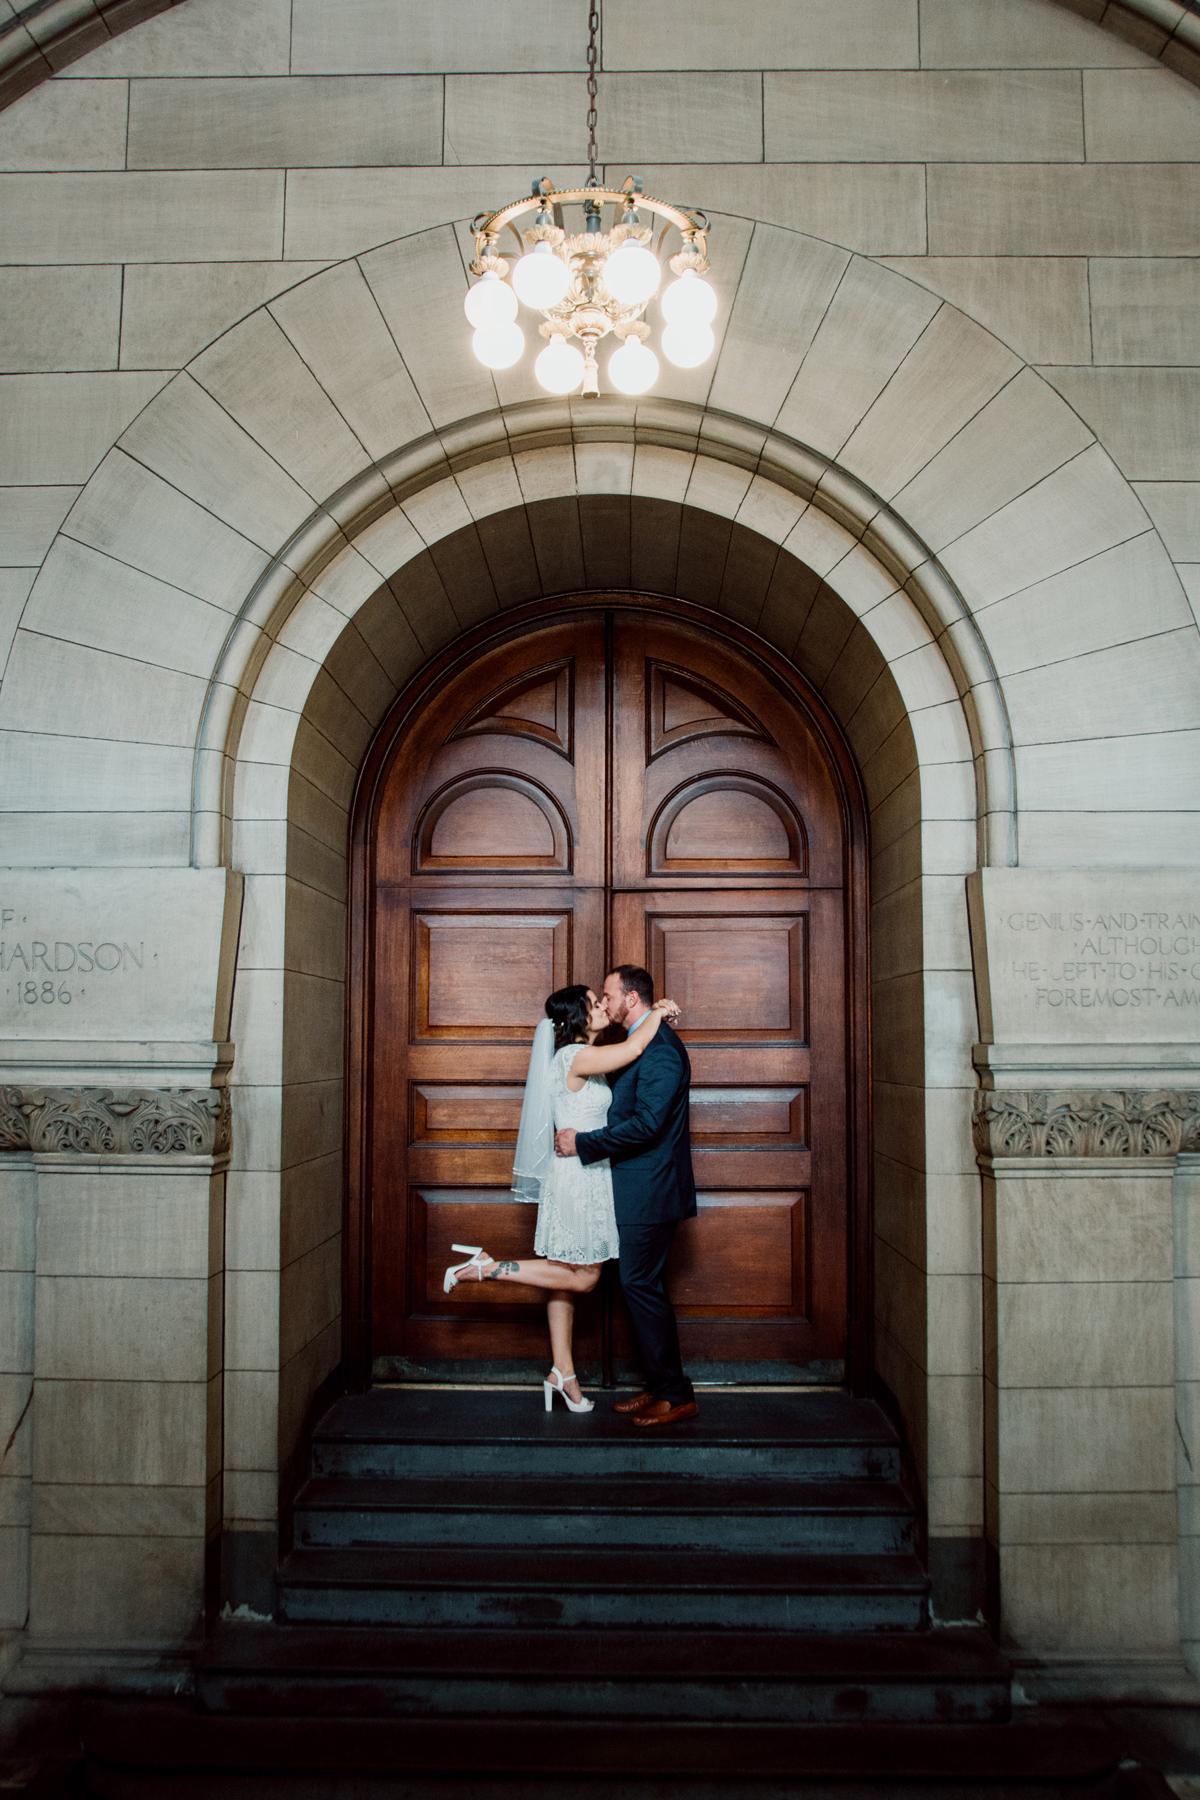 city hall wedding bride and groom kissing in front of wooden door